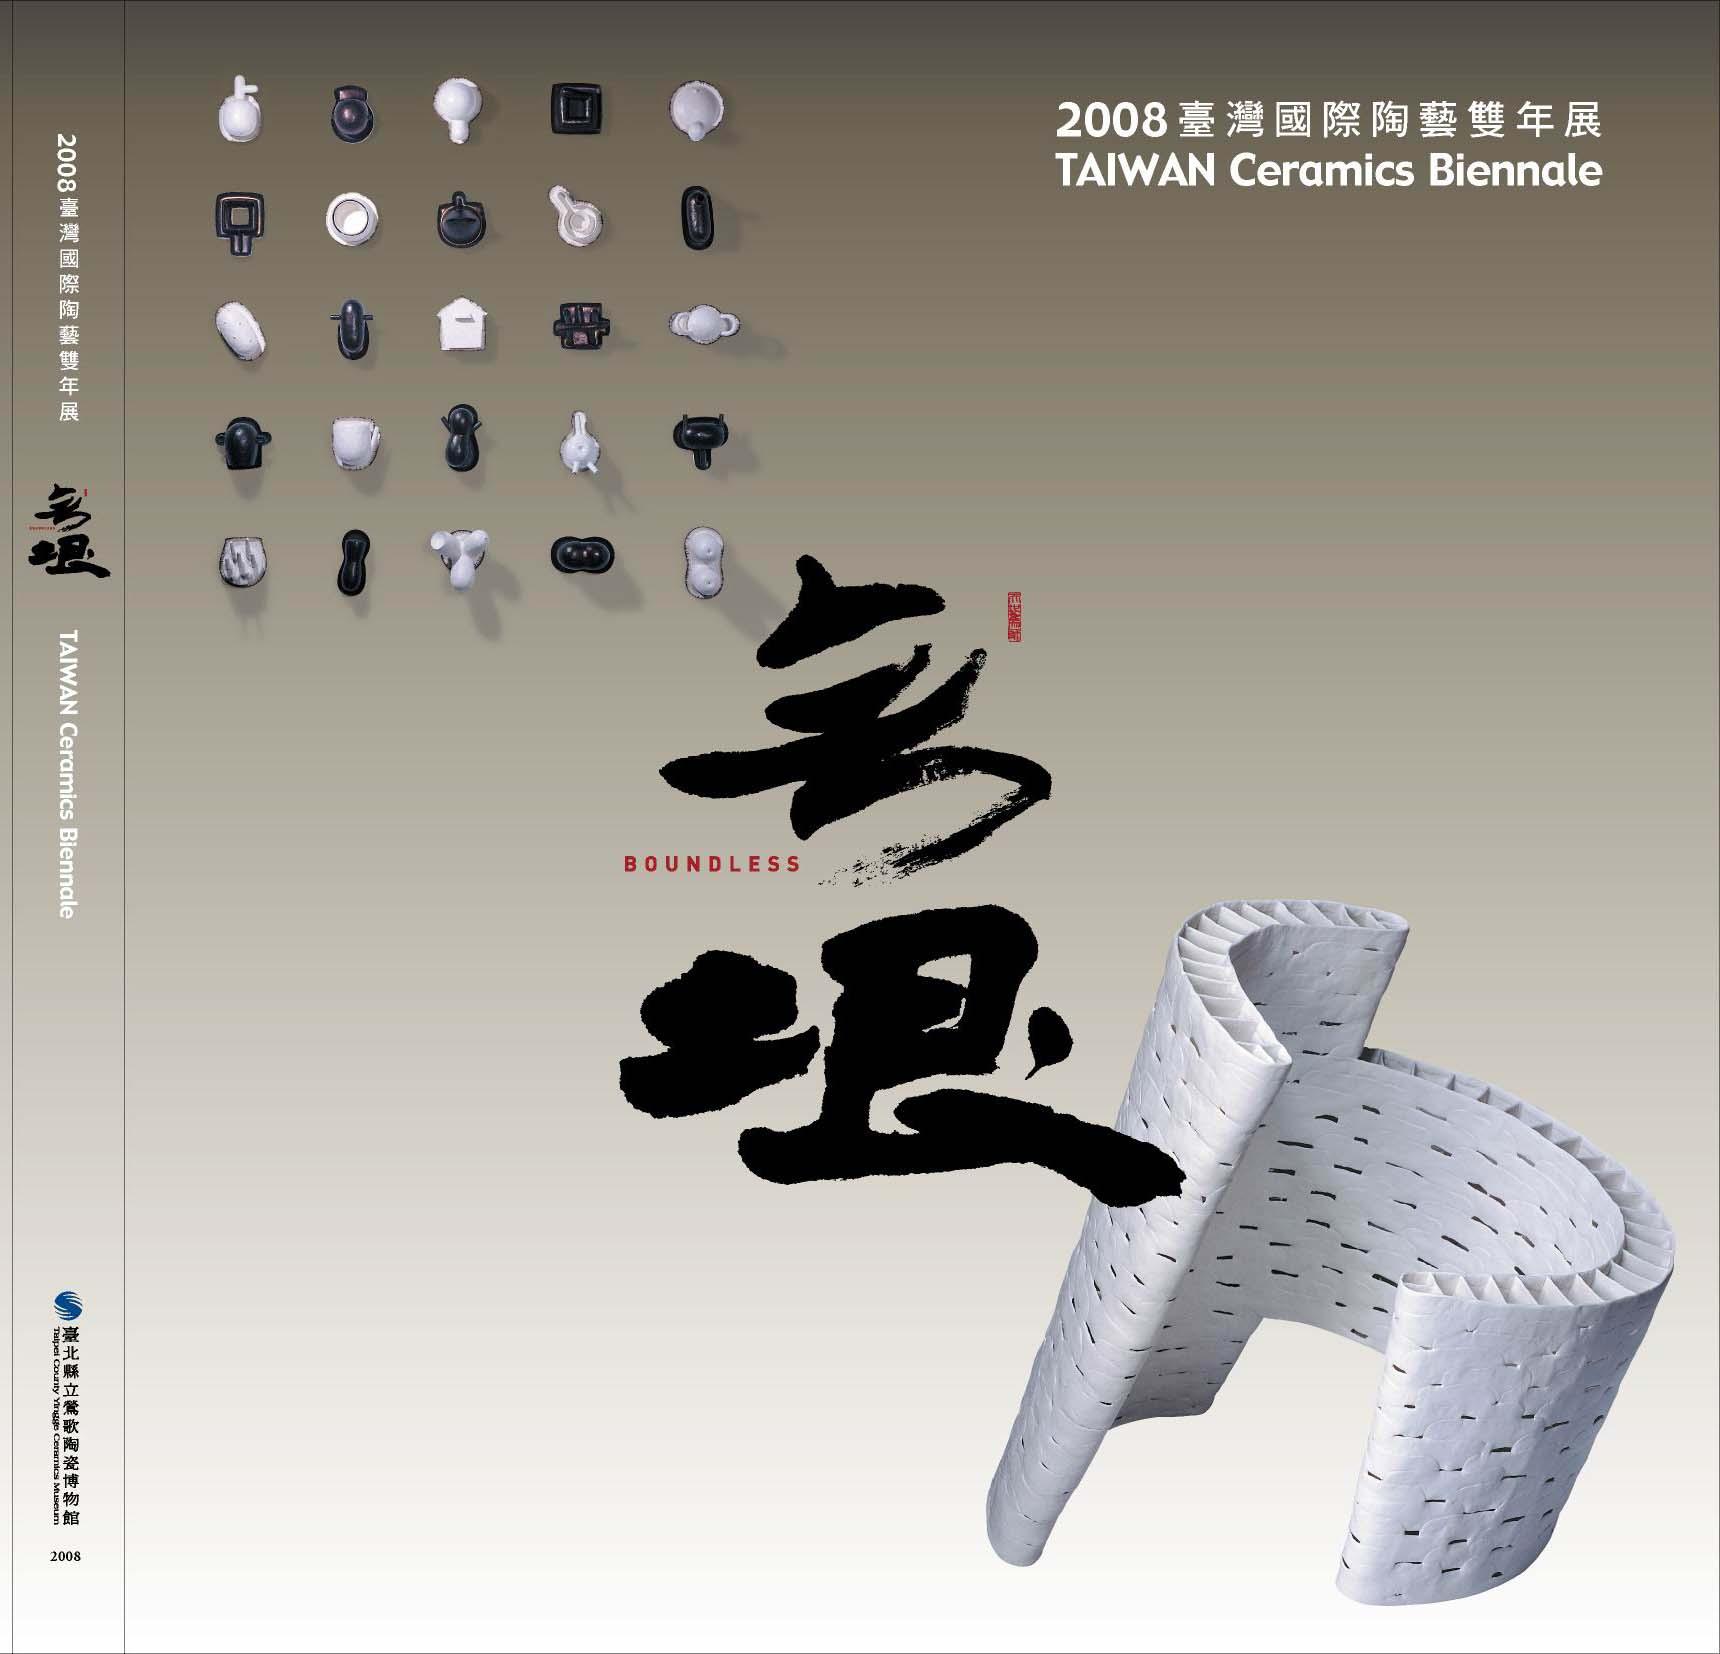 無垠—2008臺灣國際陶藝雙年展